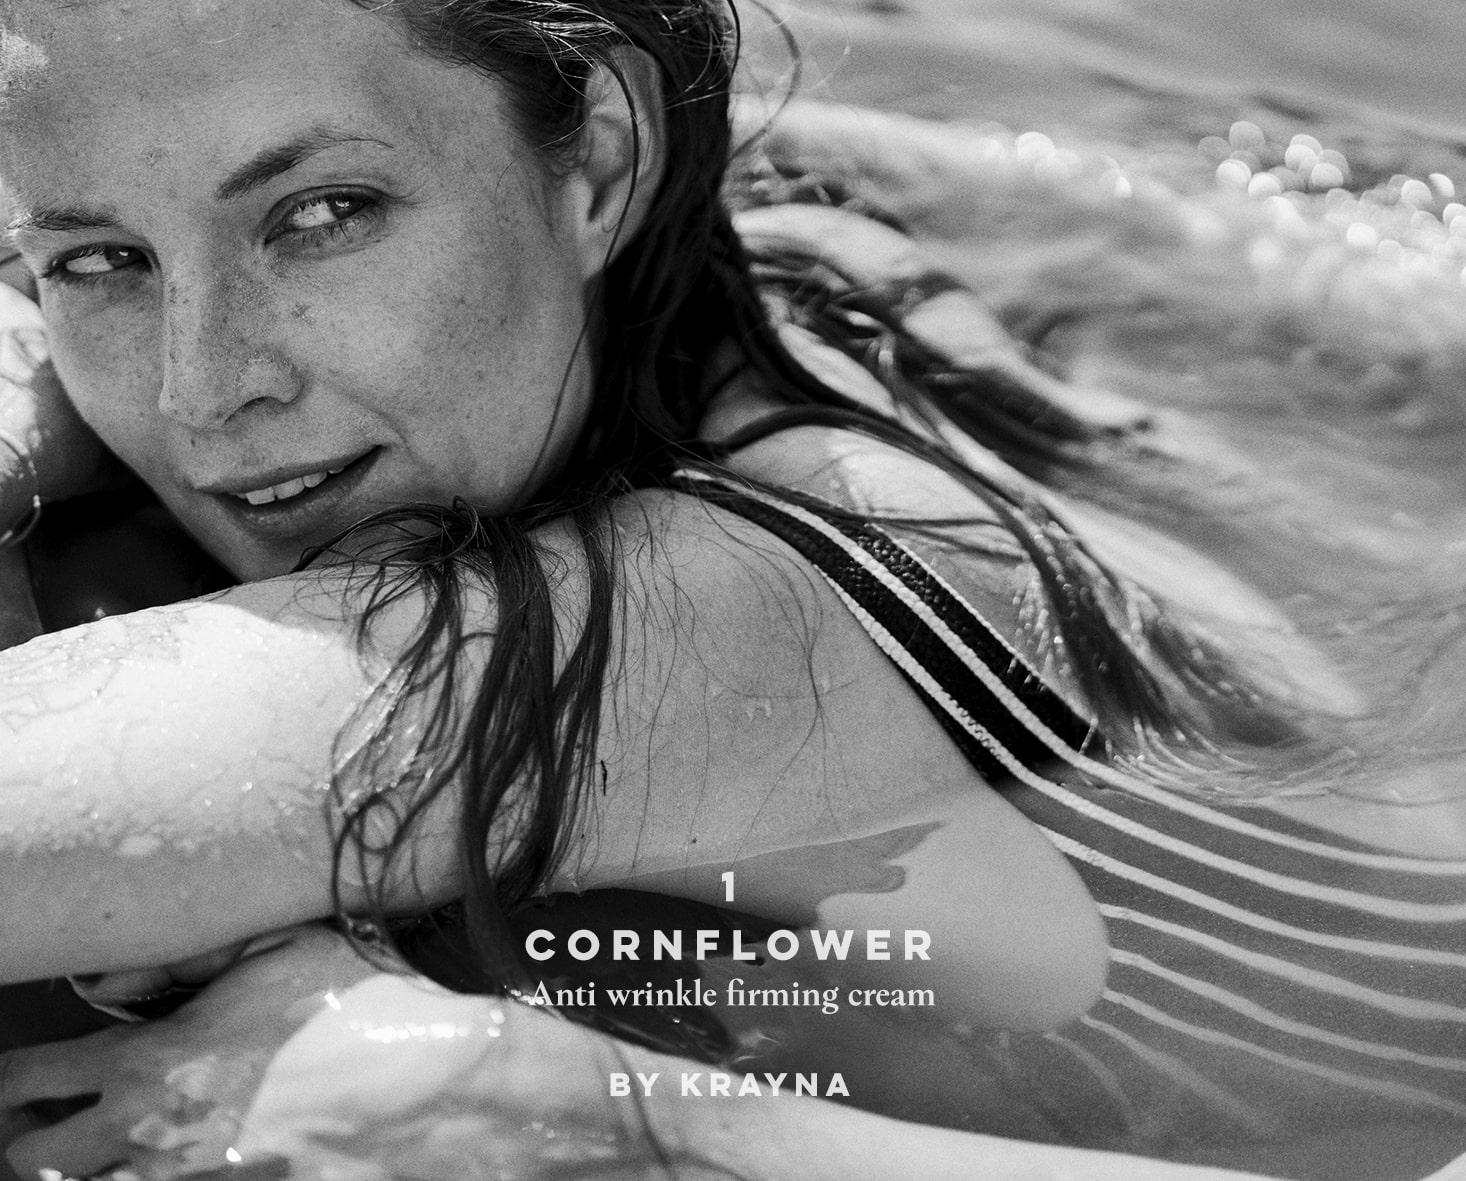 AY1 CORNFLOWER - KRAYNA | JestemSlow.pl